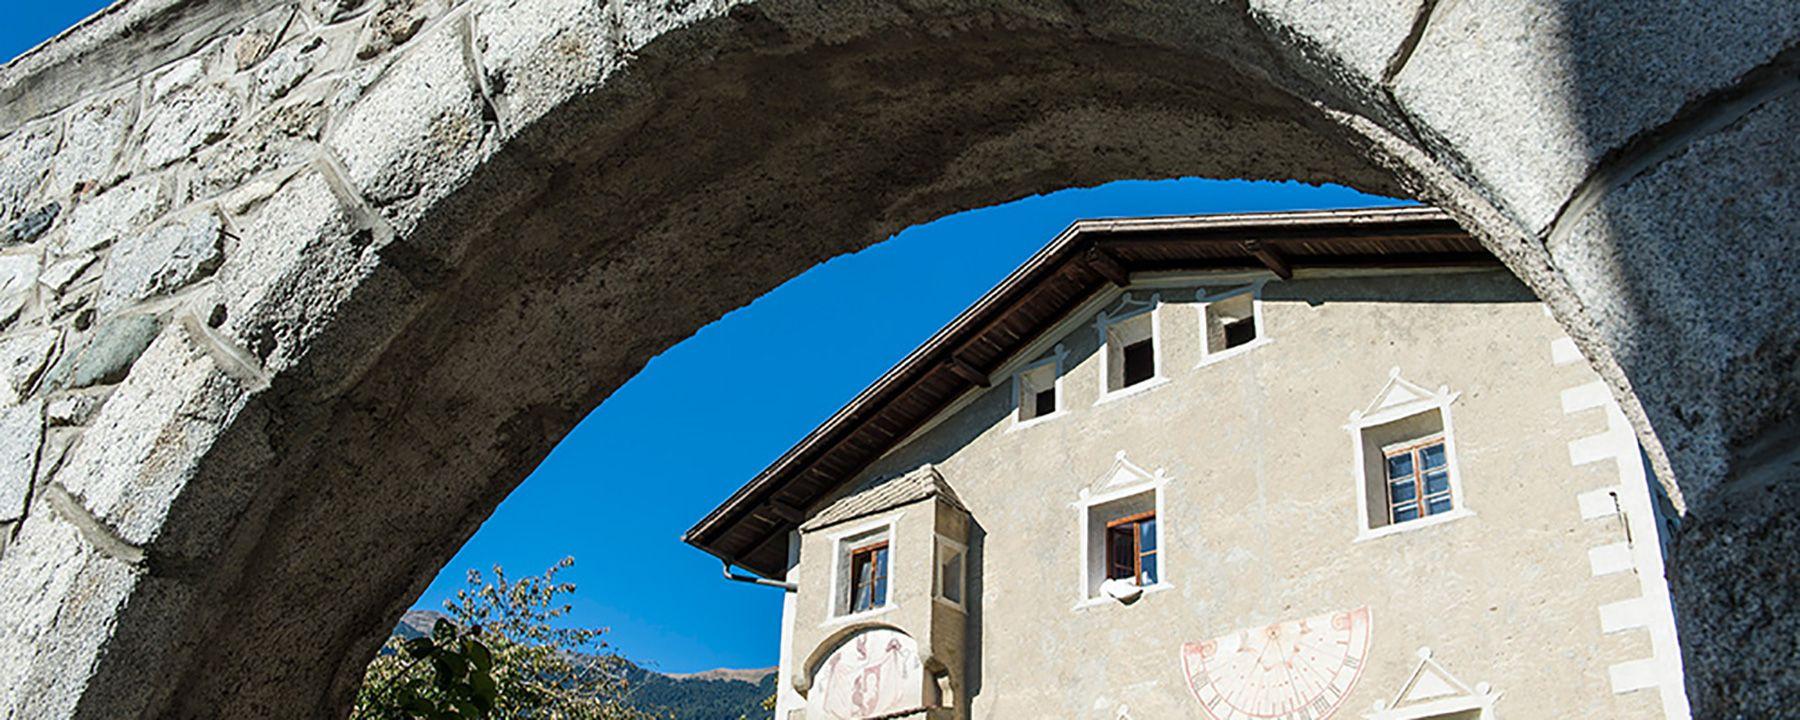 Torbogen in Südtirol